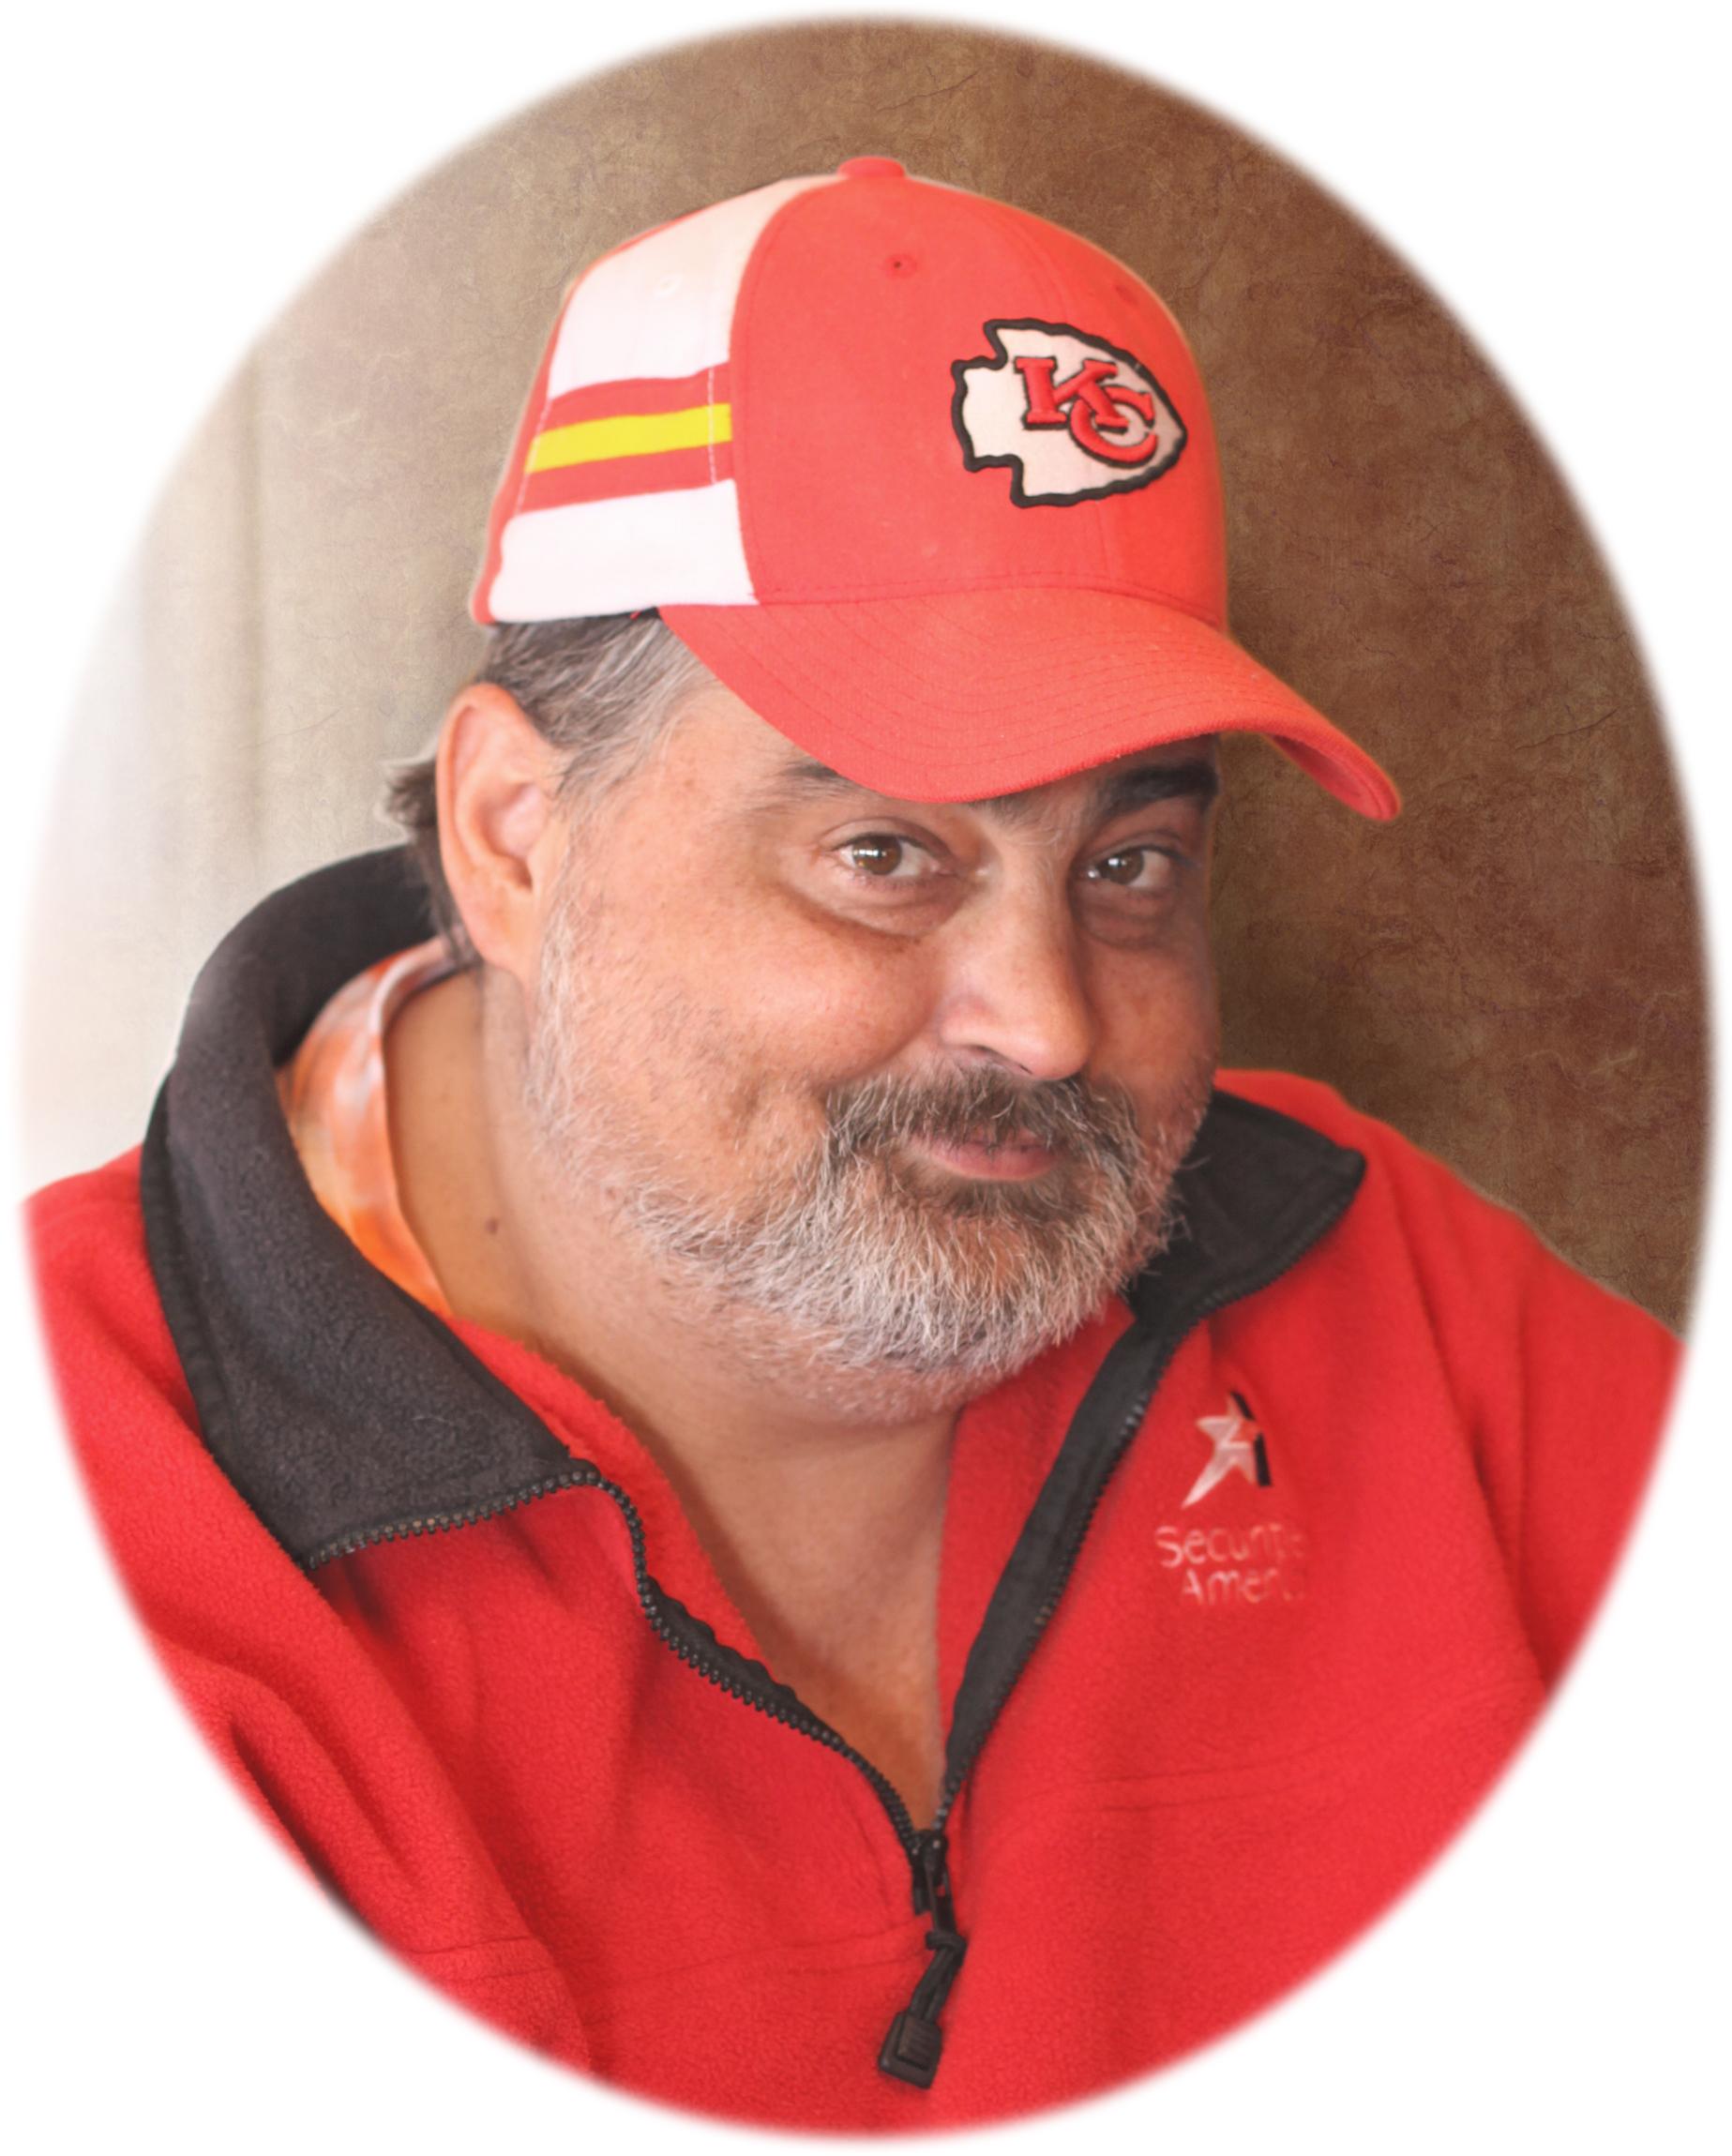 Brian J. Riley